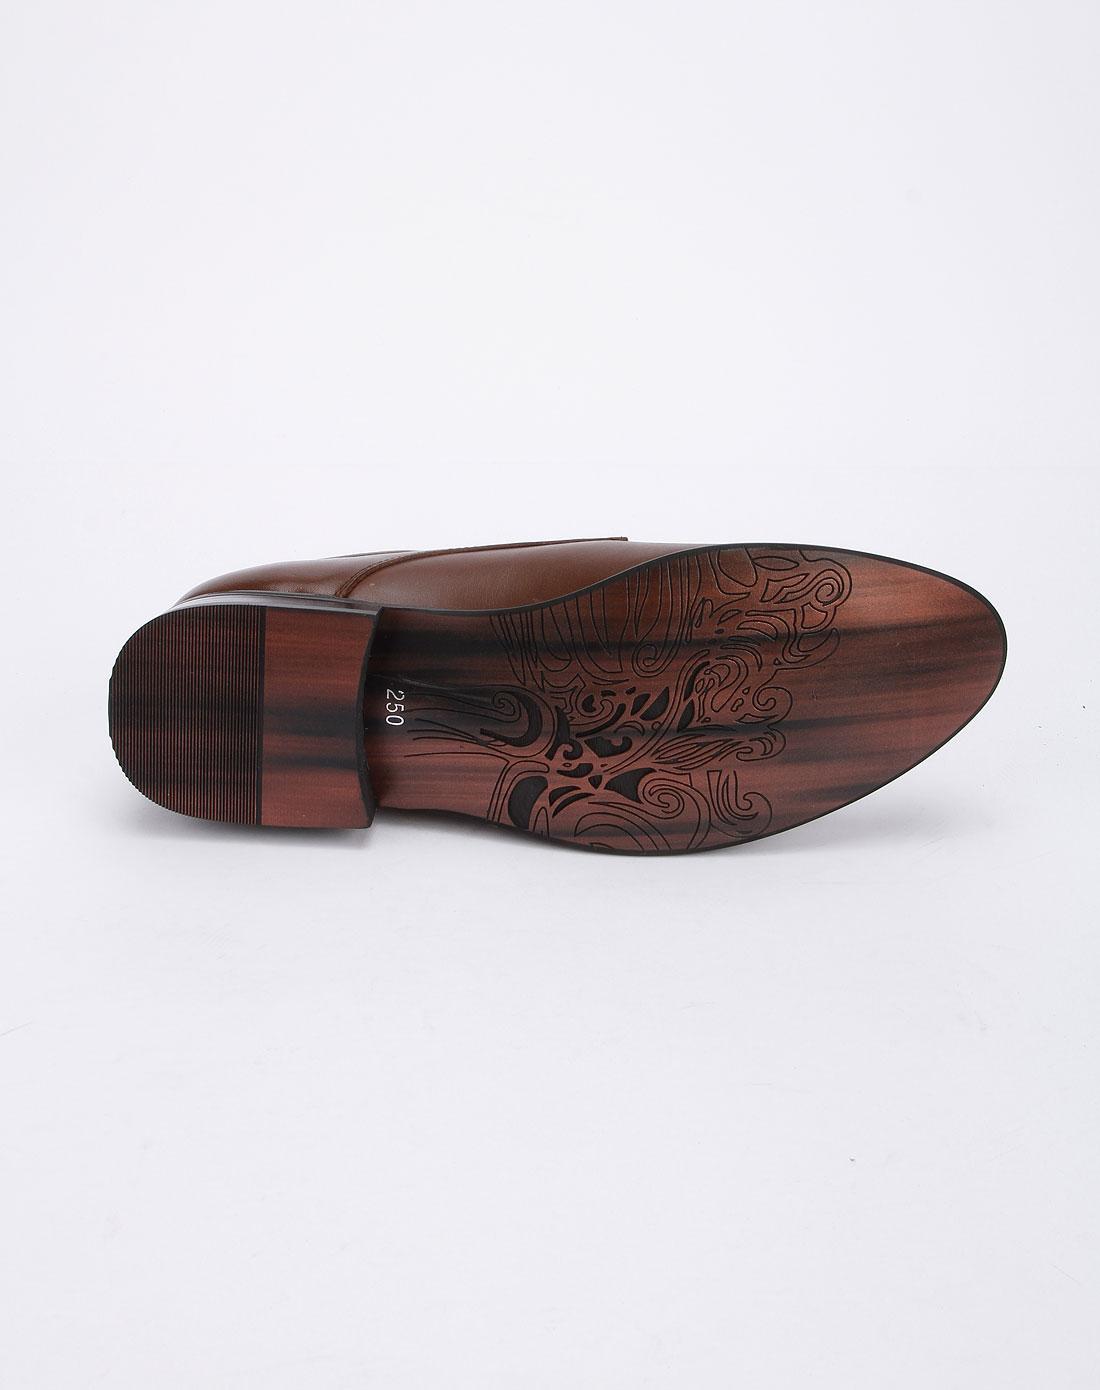 休闲皮鞋a361-棕色